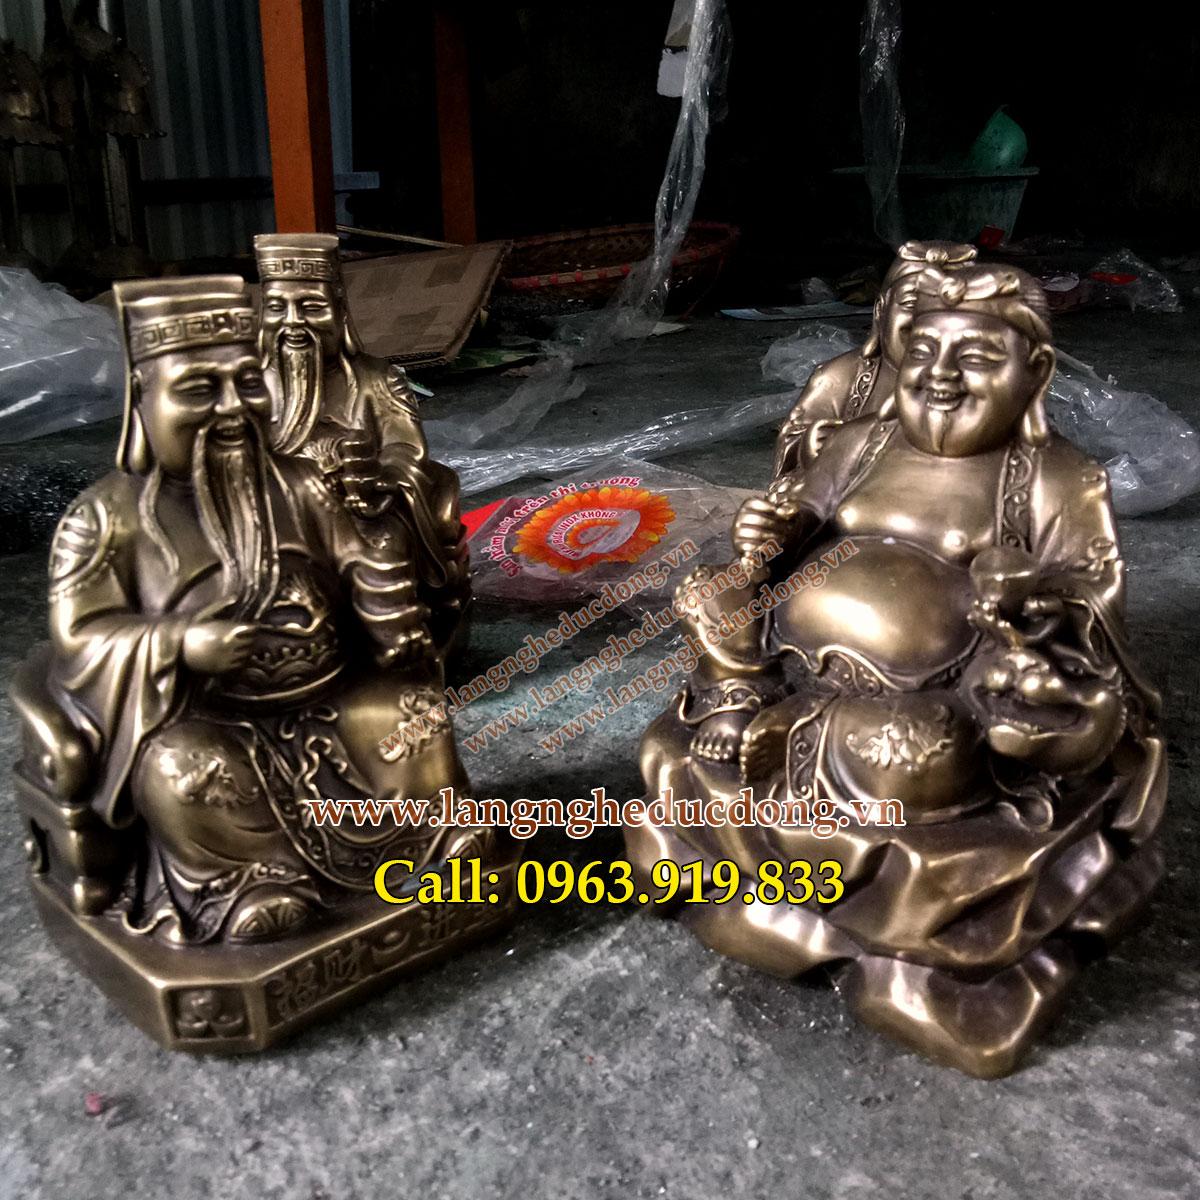 langngheducdong.vn - tượng đồng, tượng thần tài, tượng ông địa, cặp tượng thần tài ông địa